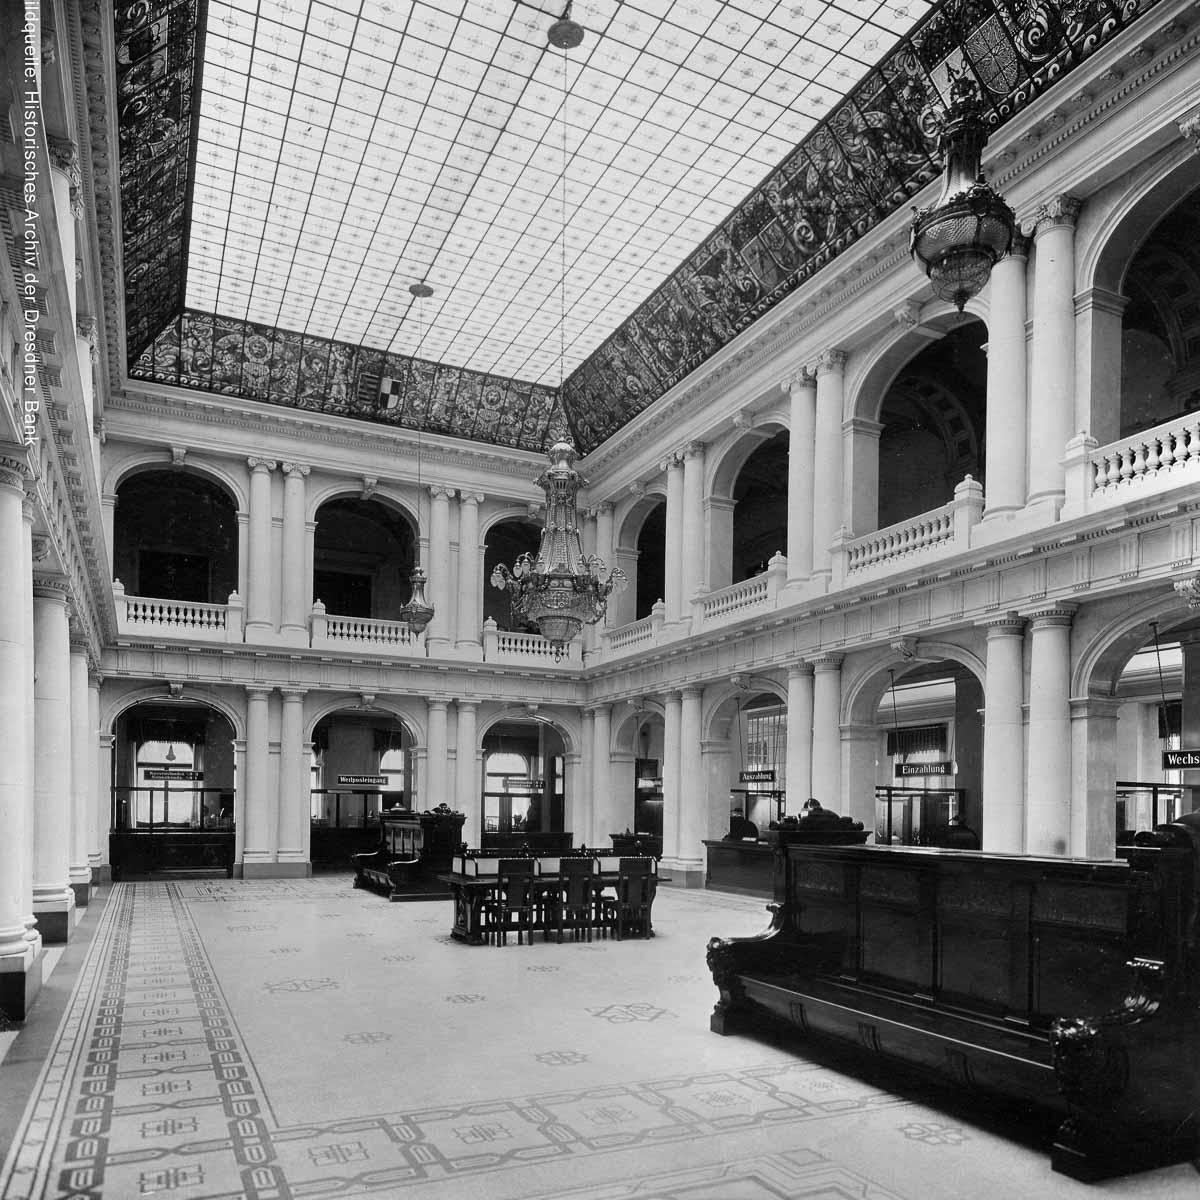 Historische Aufnahme der Schalterhalle Hotel de Rome